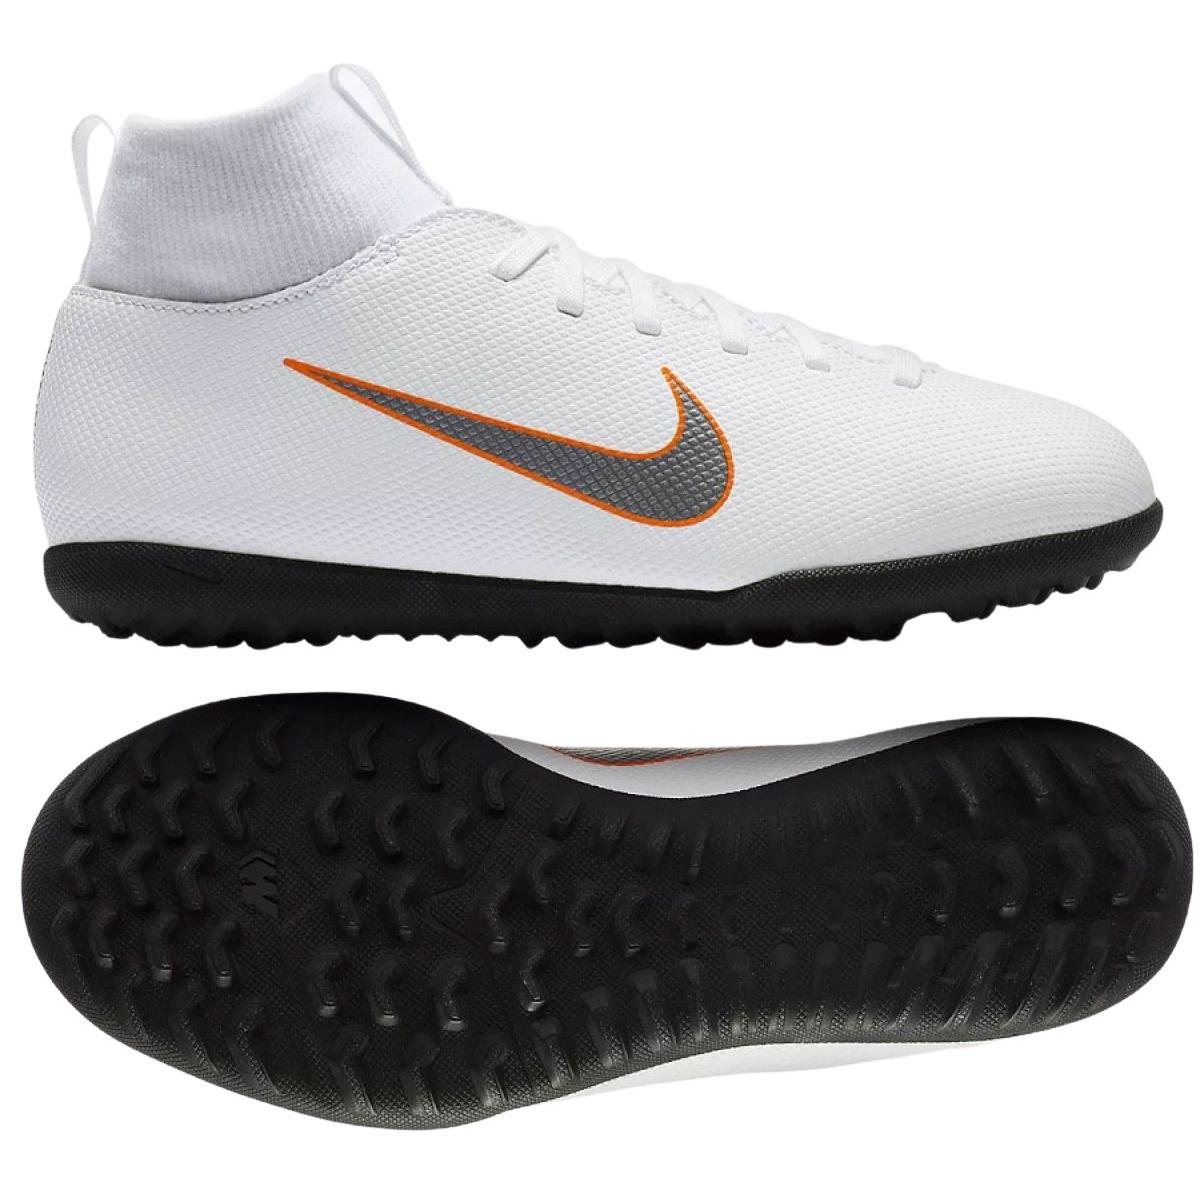 hot sale online 5c1d0 9de2a Football shoes Nike Mercurial SuperflyX 6 Club Jr AH7345-107